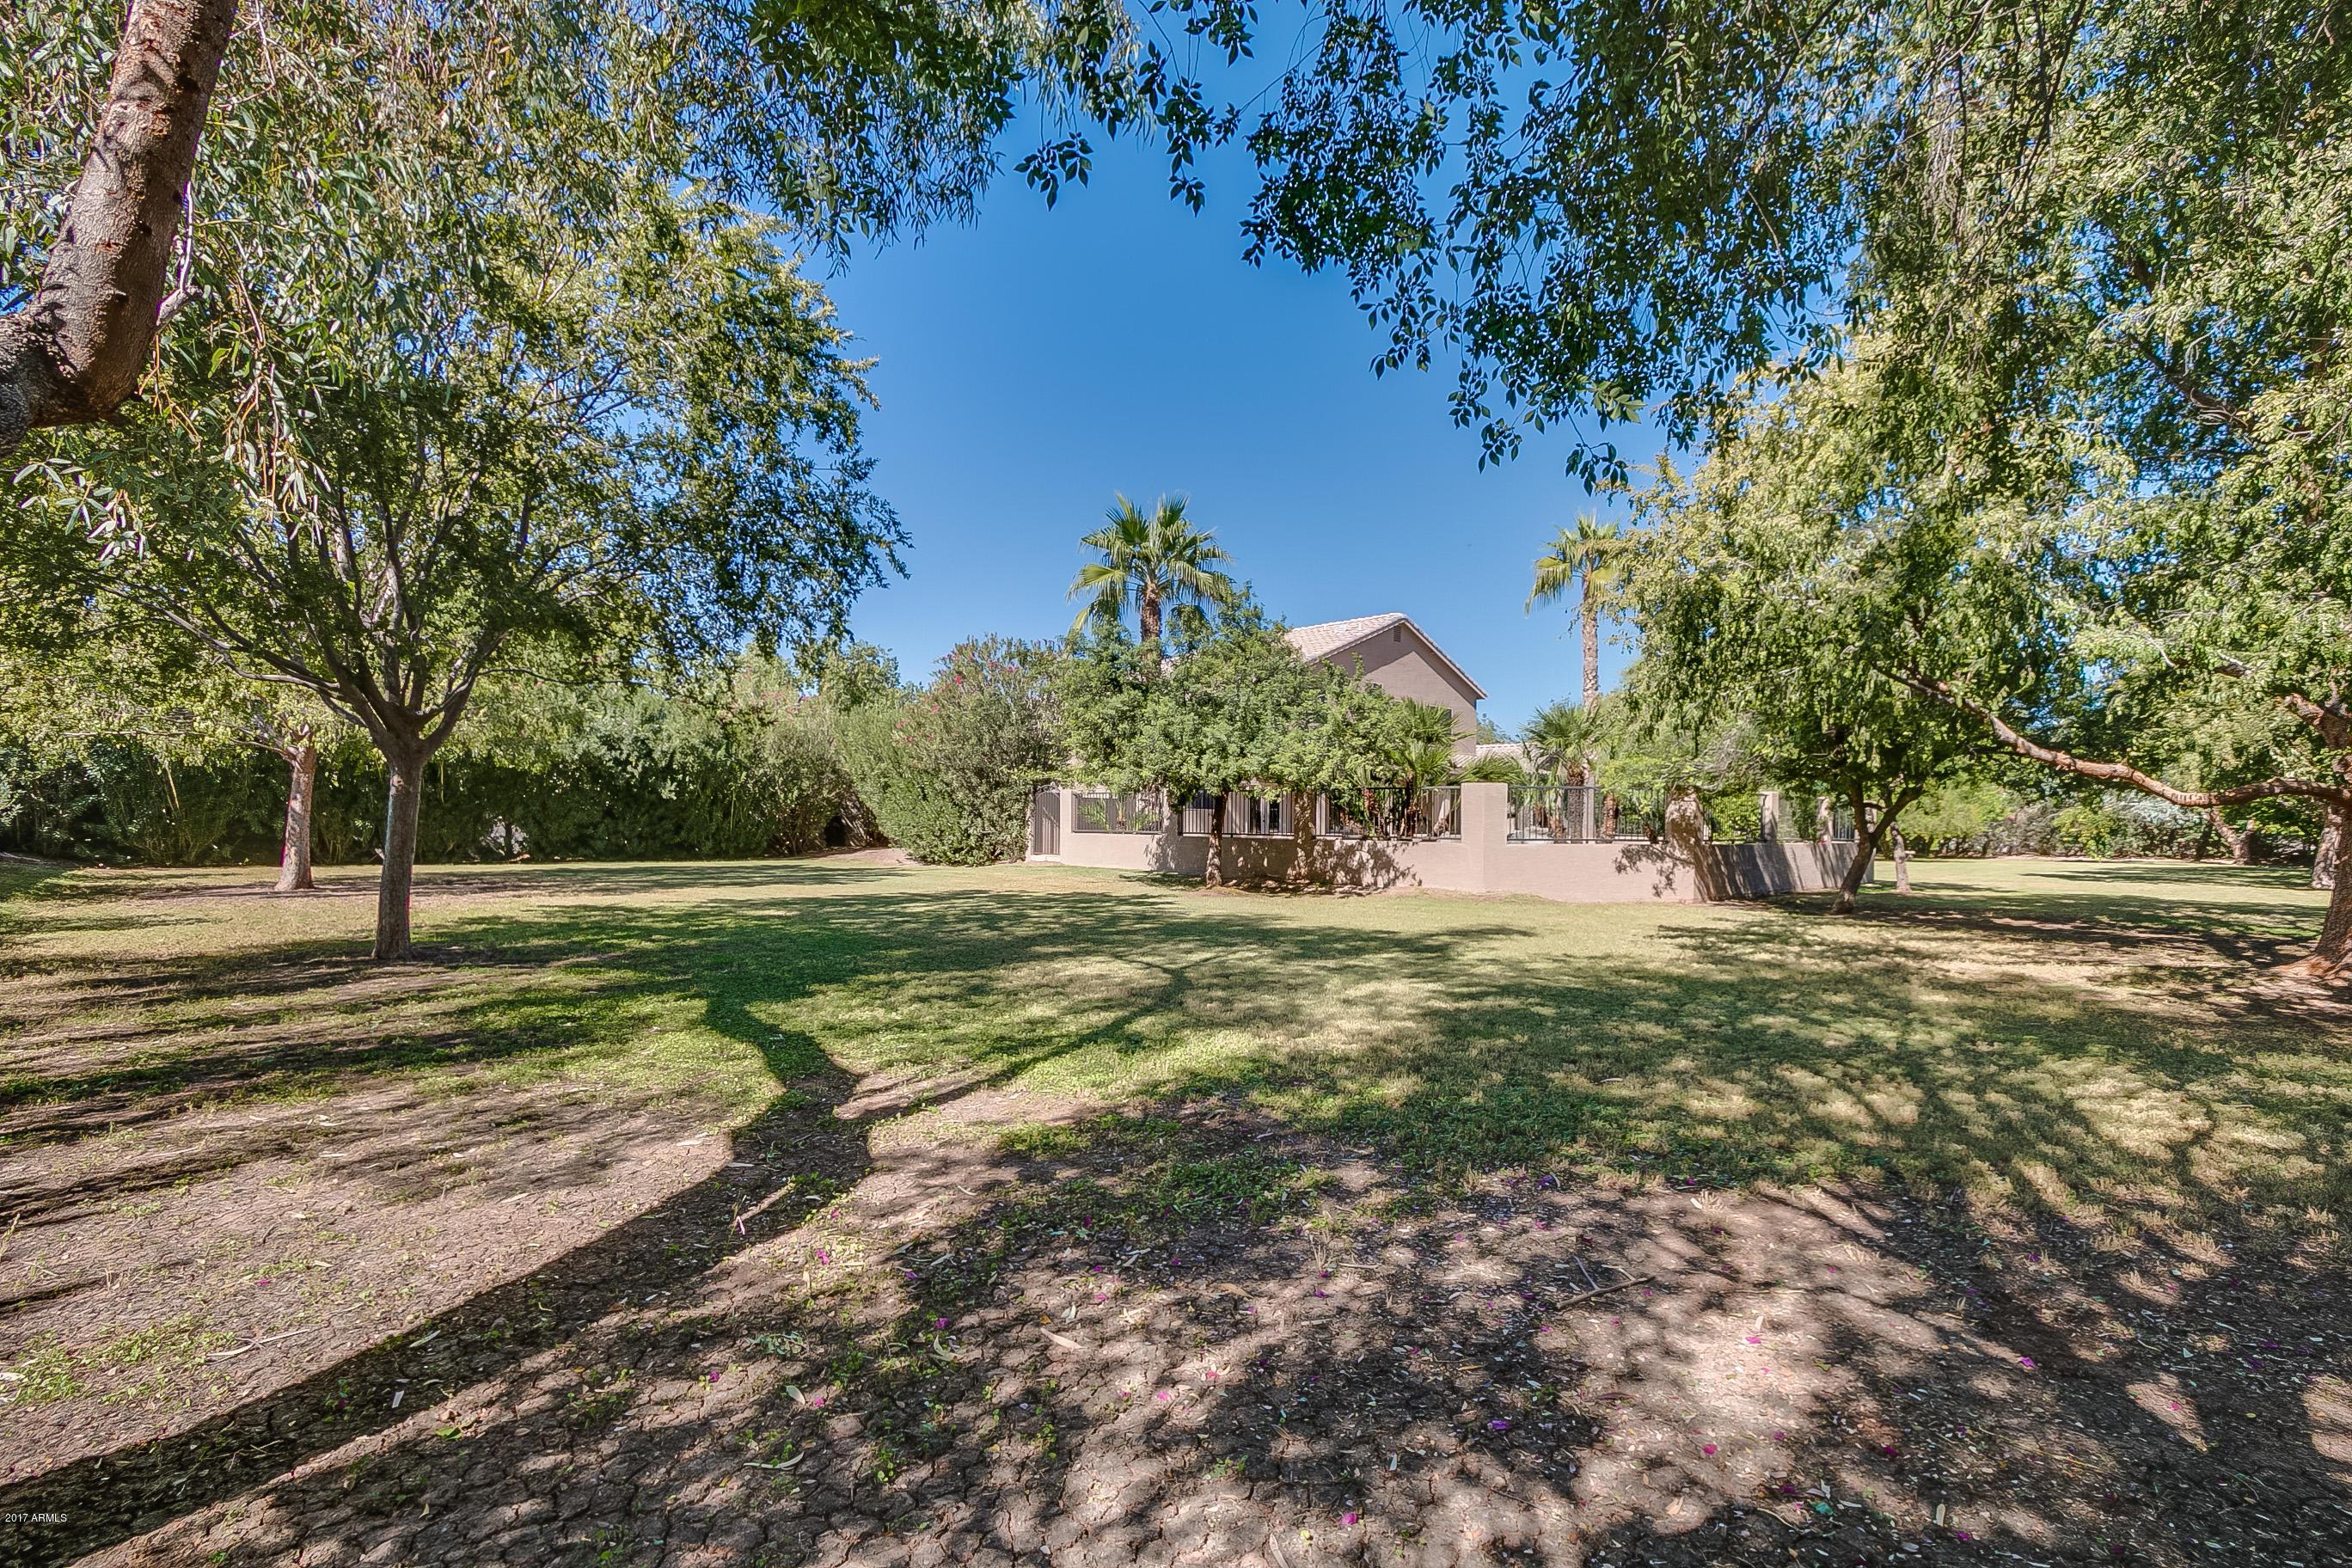 207 S Equestrian  Court Gilbert, AZ 85296 - img7